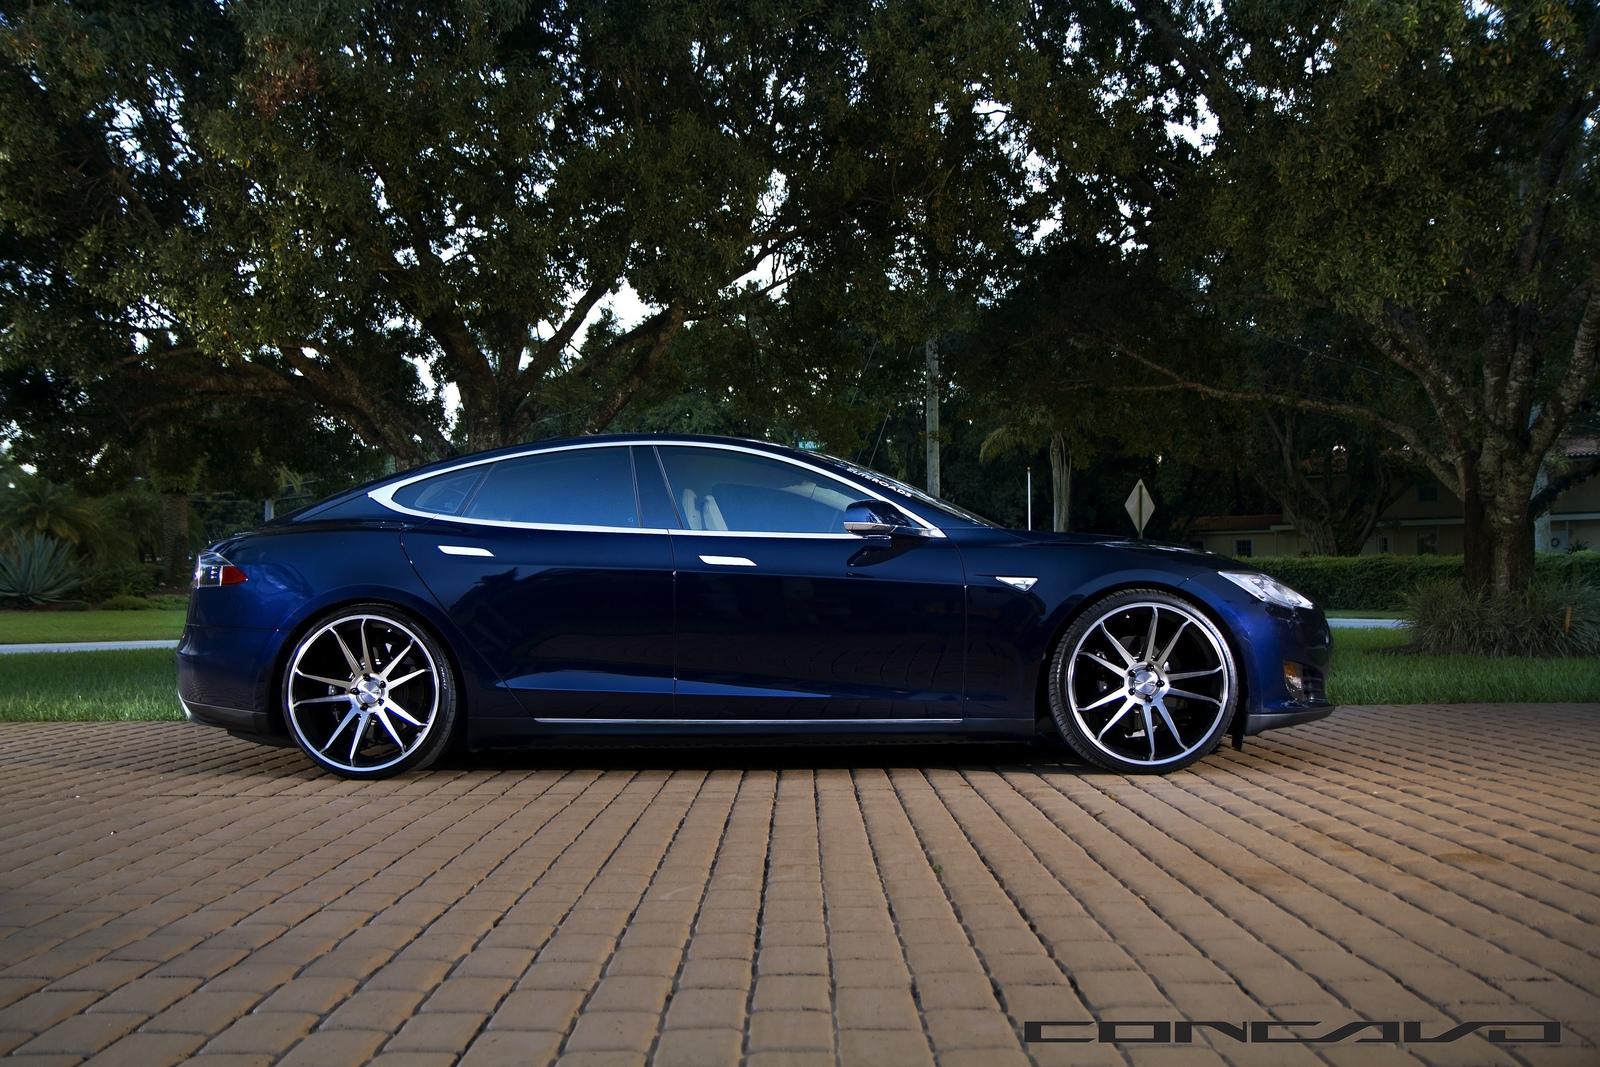 Matte Black Luxury Car Wallpaper Tesla Model S Aftermarket Wheels